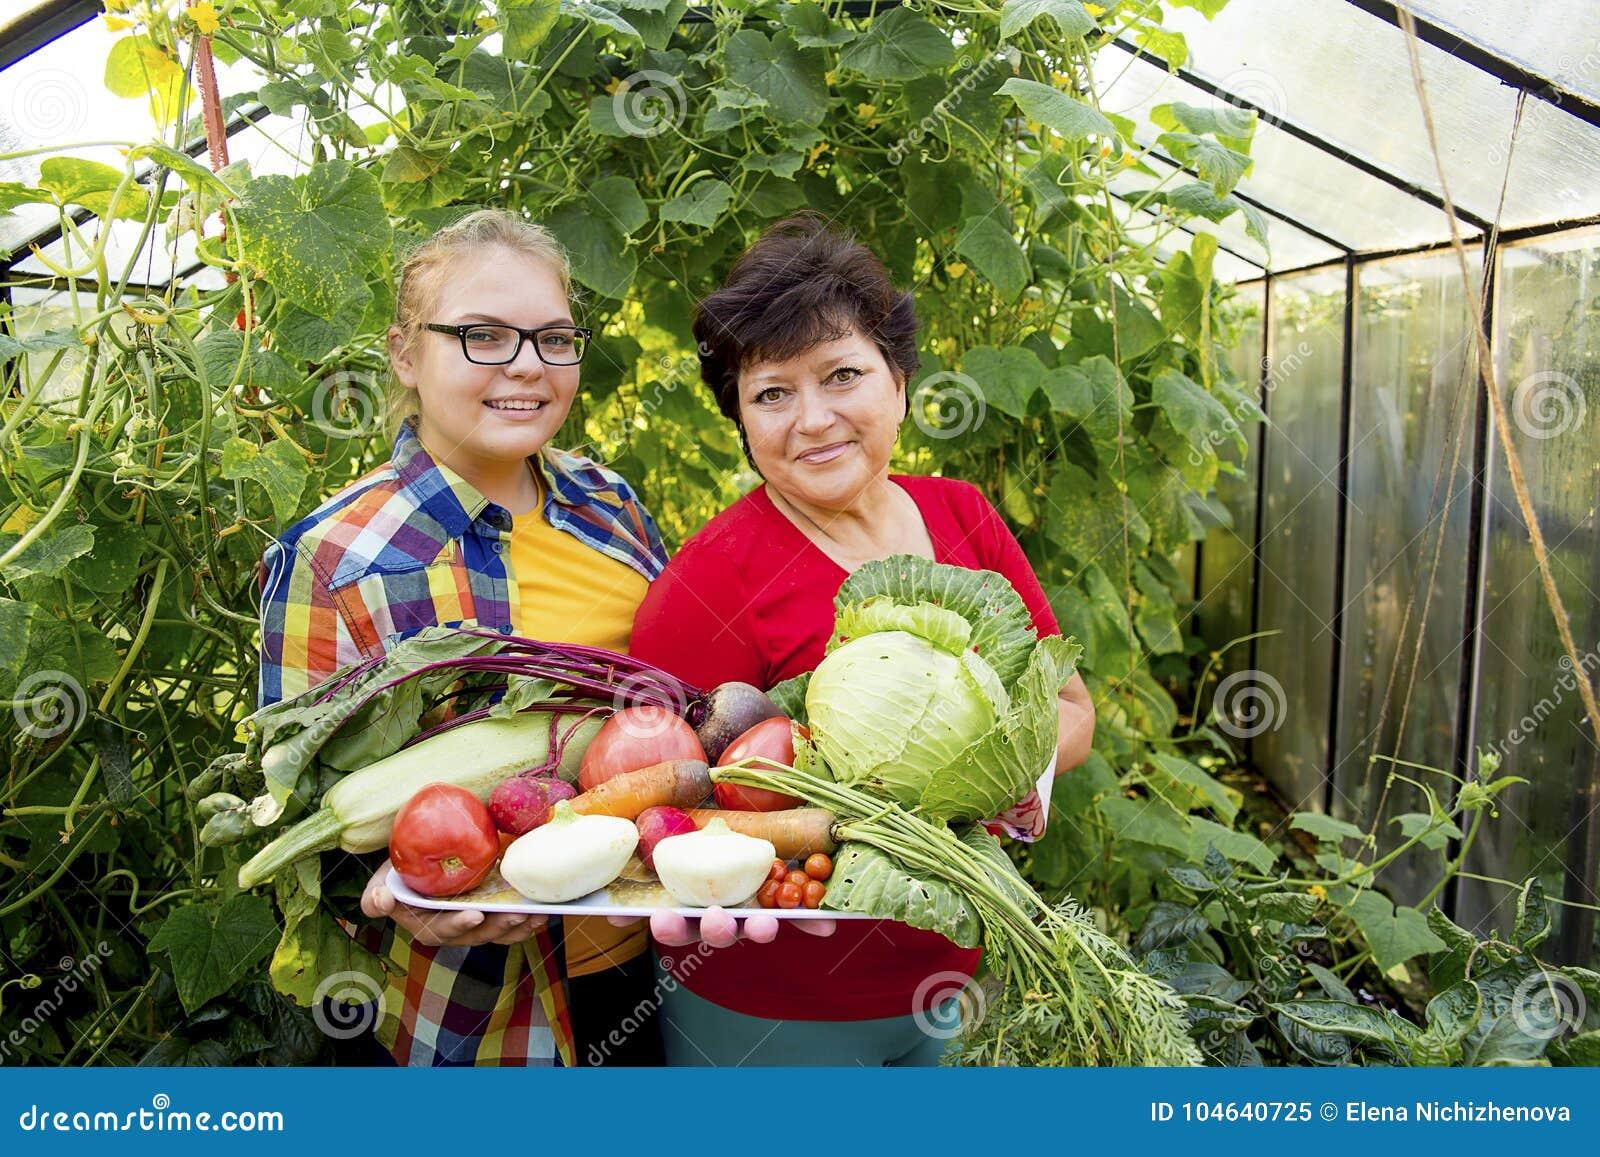 Download Vrouwen Die In Een Serre Werken Stock Afbeelding - Afbeelding bestaande uit mooi, growing: 104640725